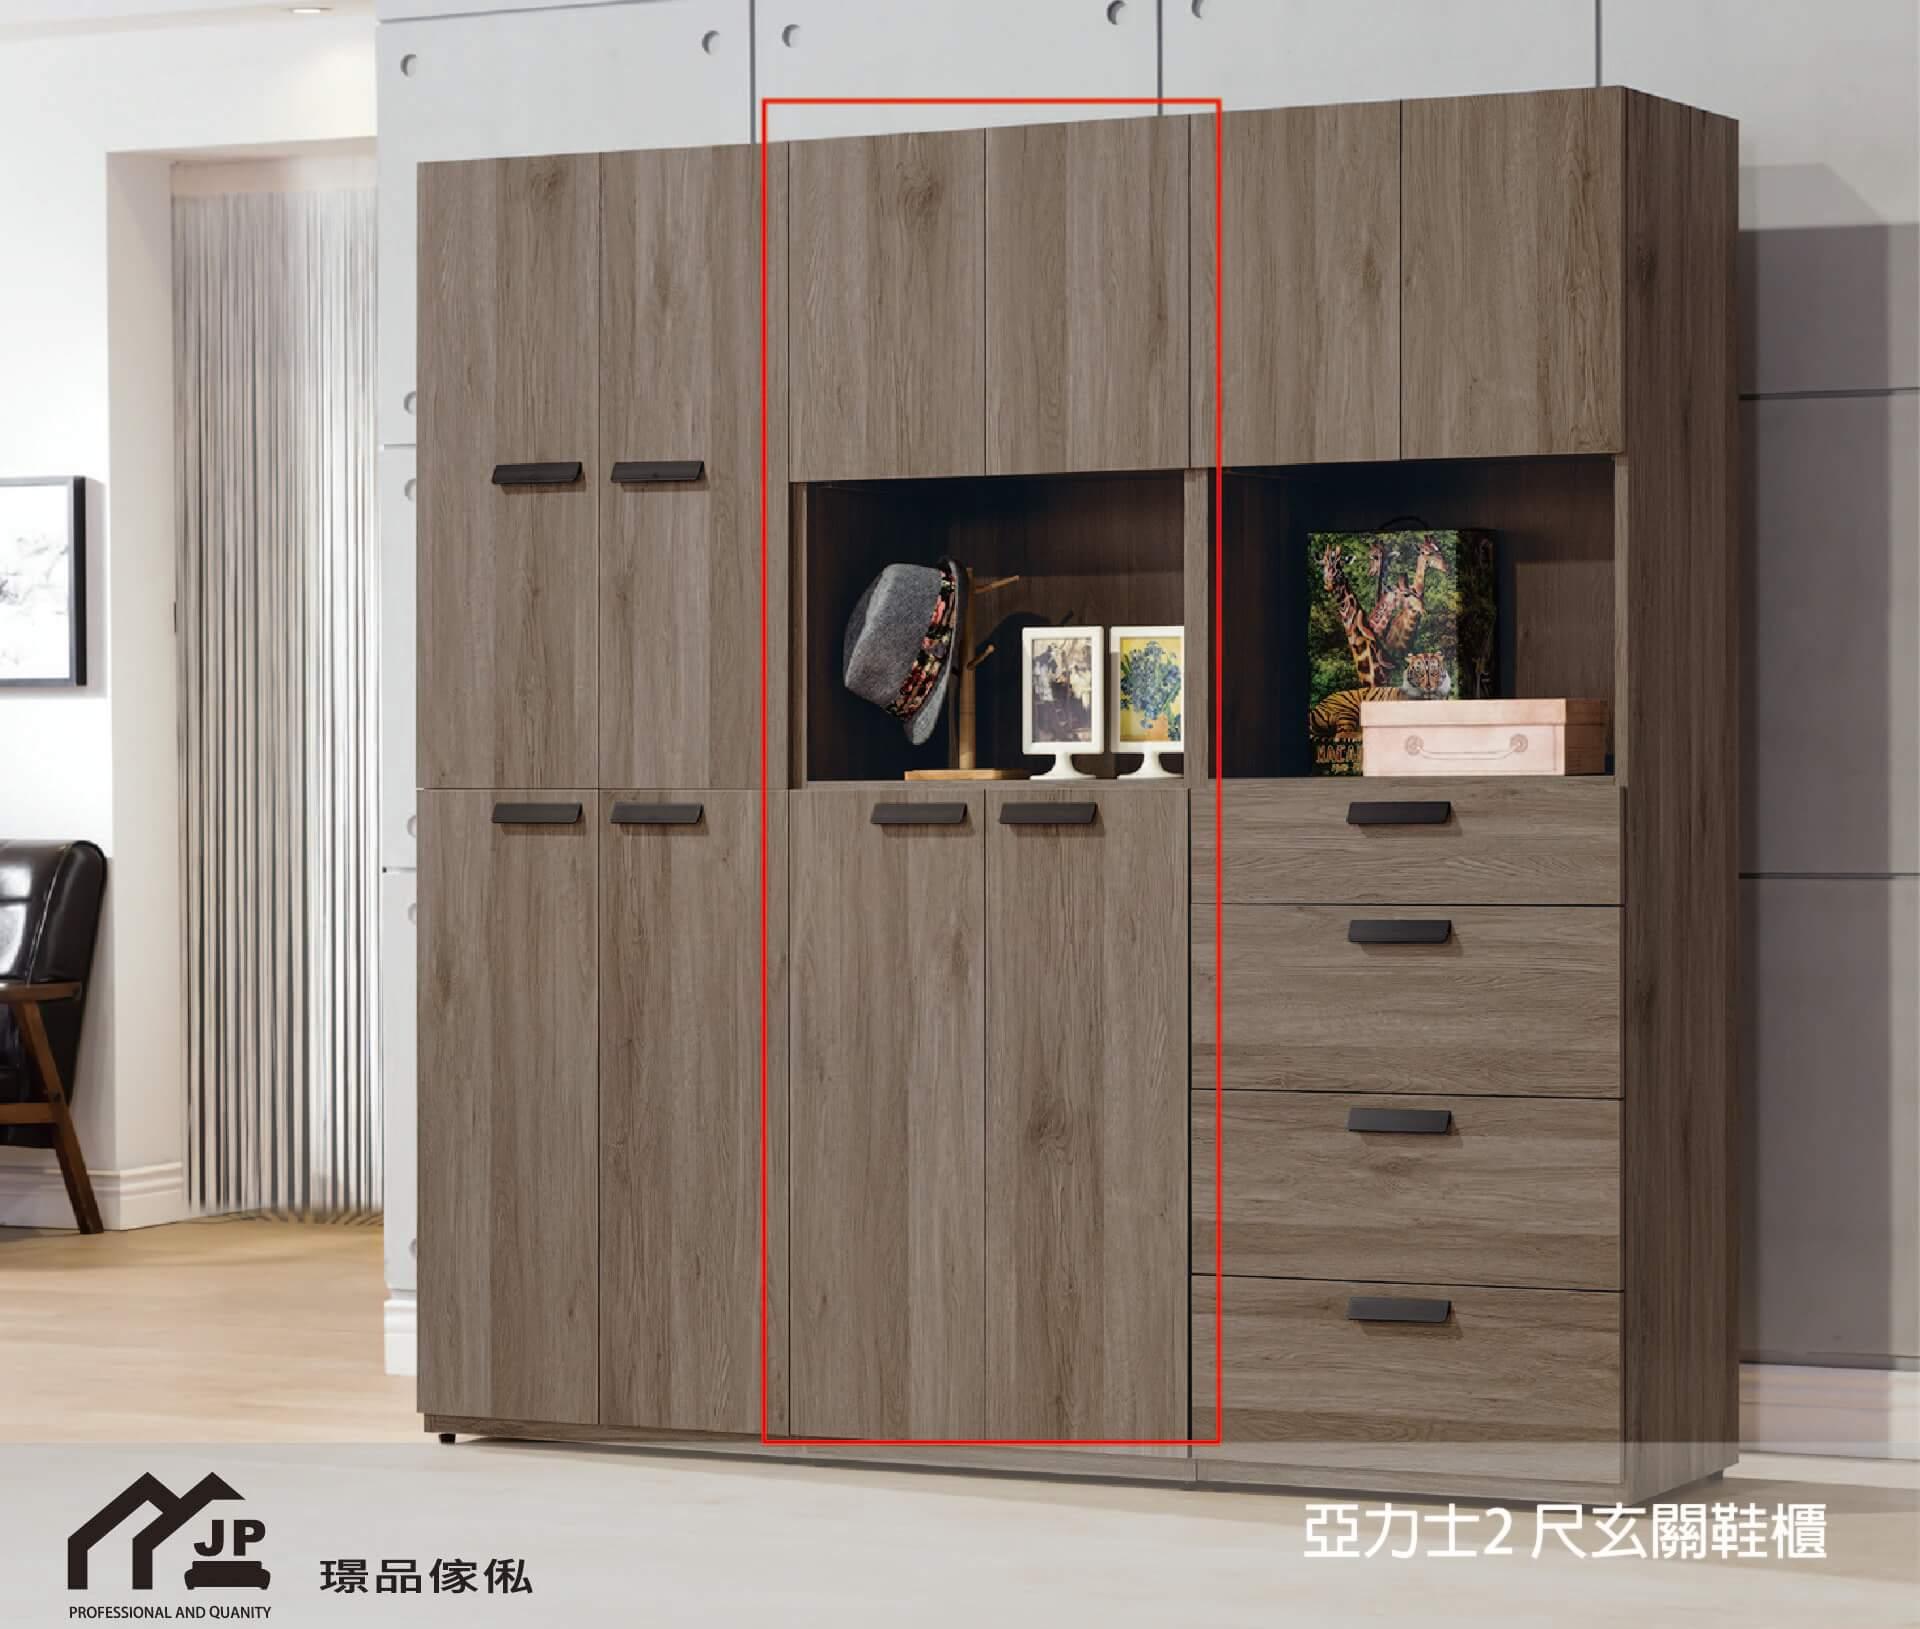 亞力士2 尺玄關鞋櫃 - 璟品傢俬|沙發工廠直營門市